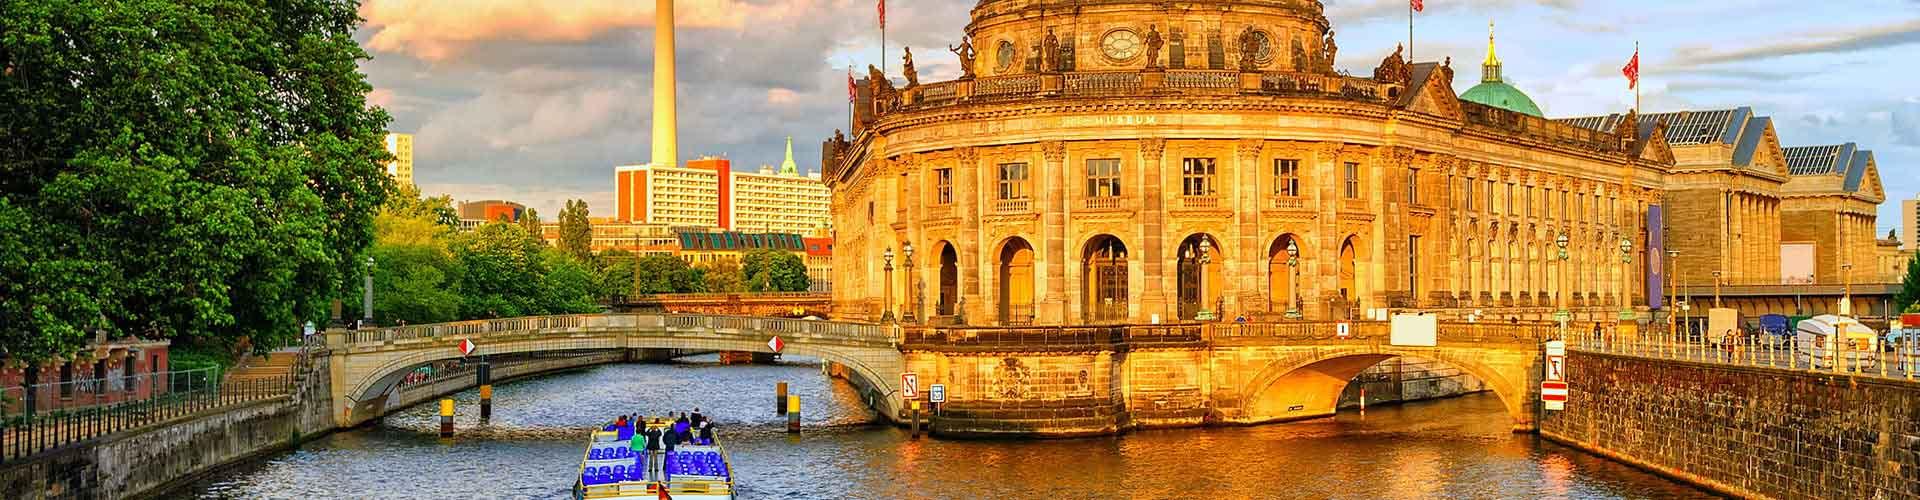 베를린 - Lage Charlottenburg 지구의 호스텔. 베를린의 지도, 베를린에 위치한 호스텔 사진 및 후기 정보.